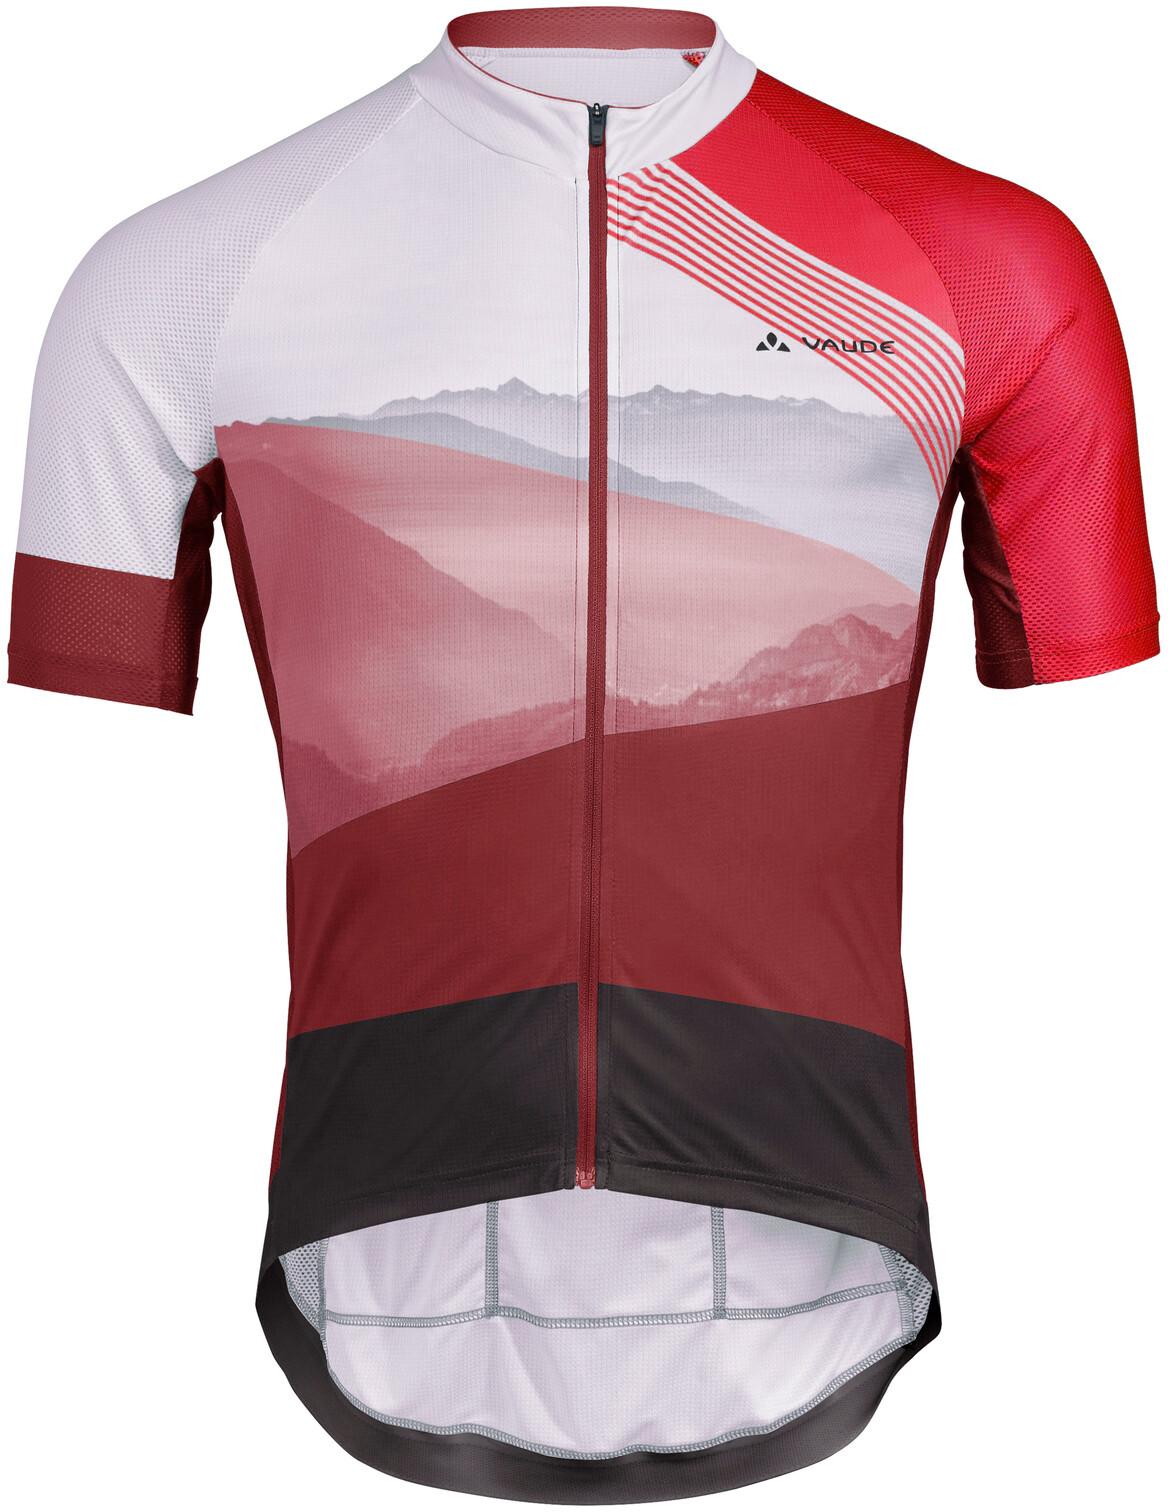 Troy Lee Designs 2020 Flowline Mountain Bike Jersey Heather Noir//Gris Toutes Les Tailles